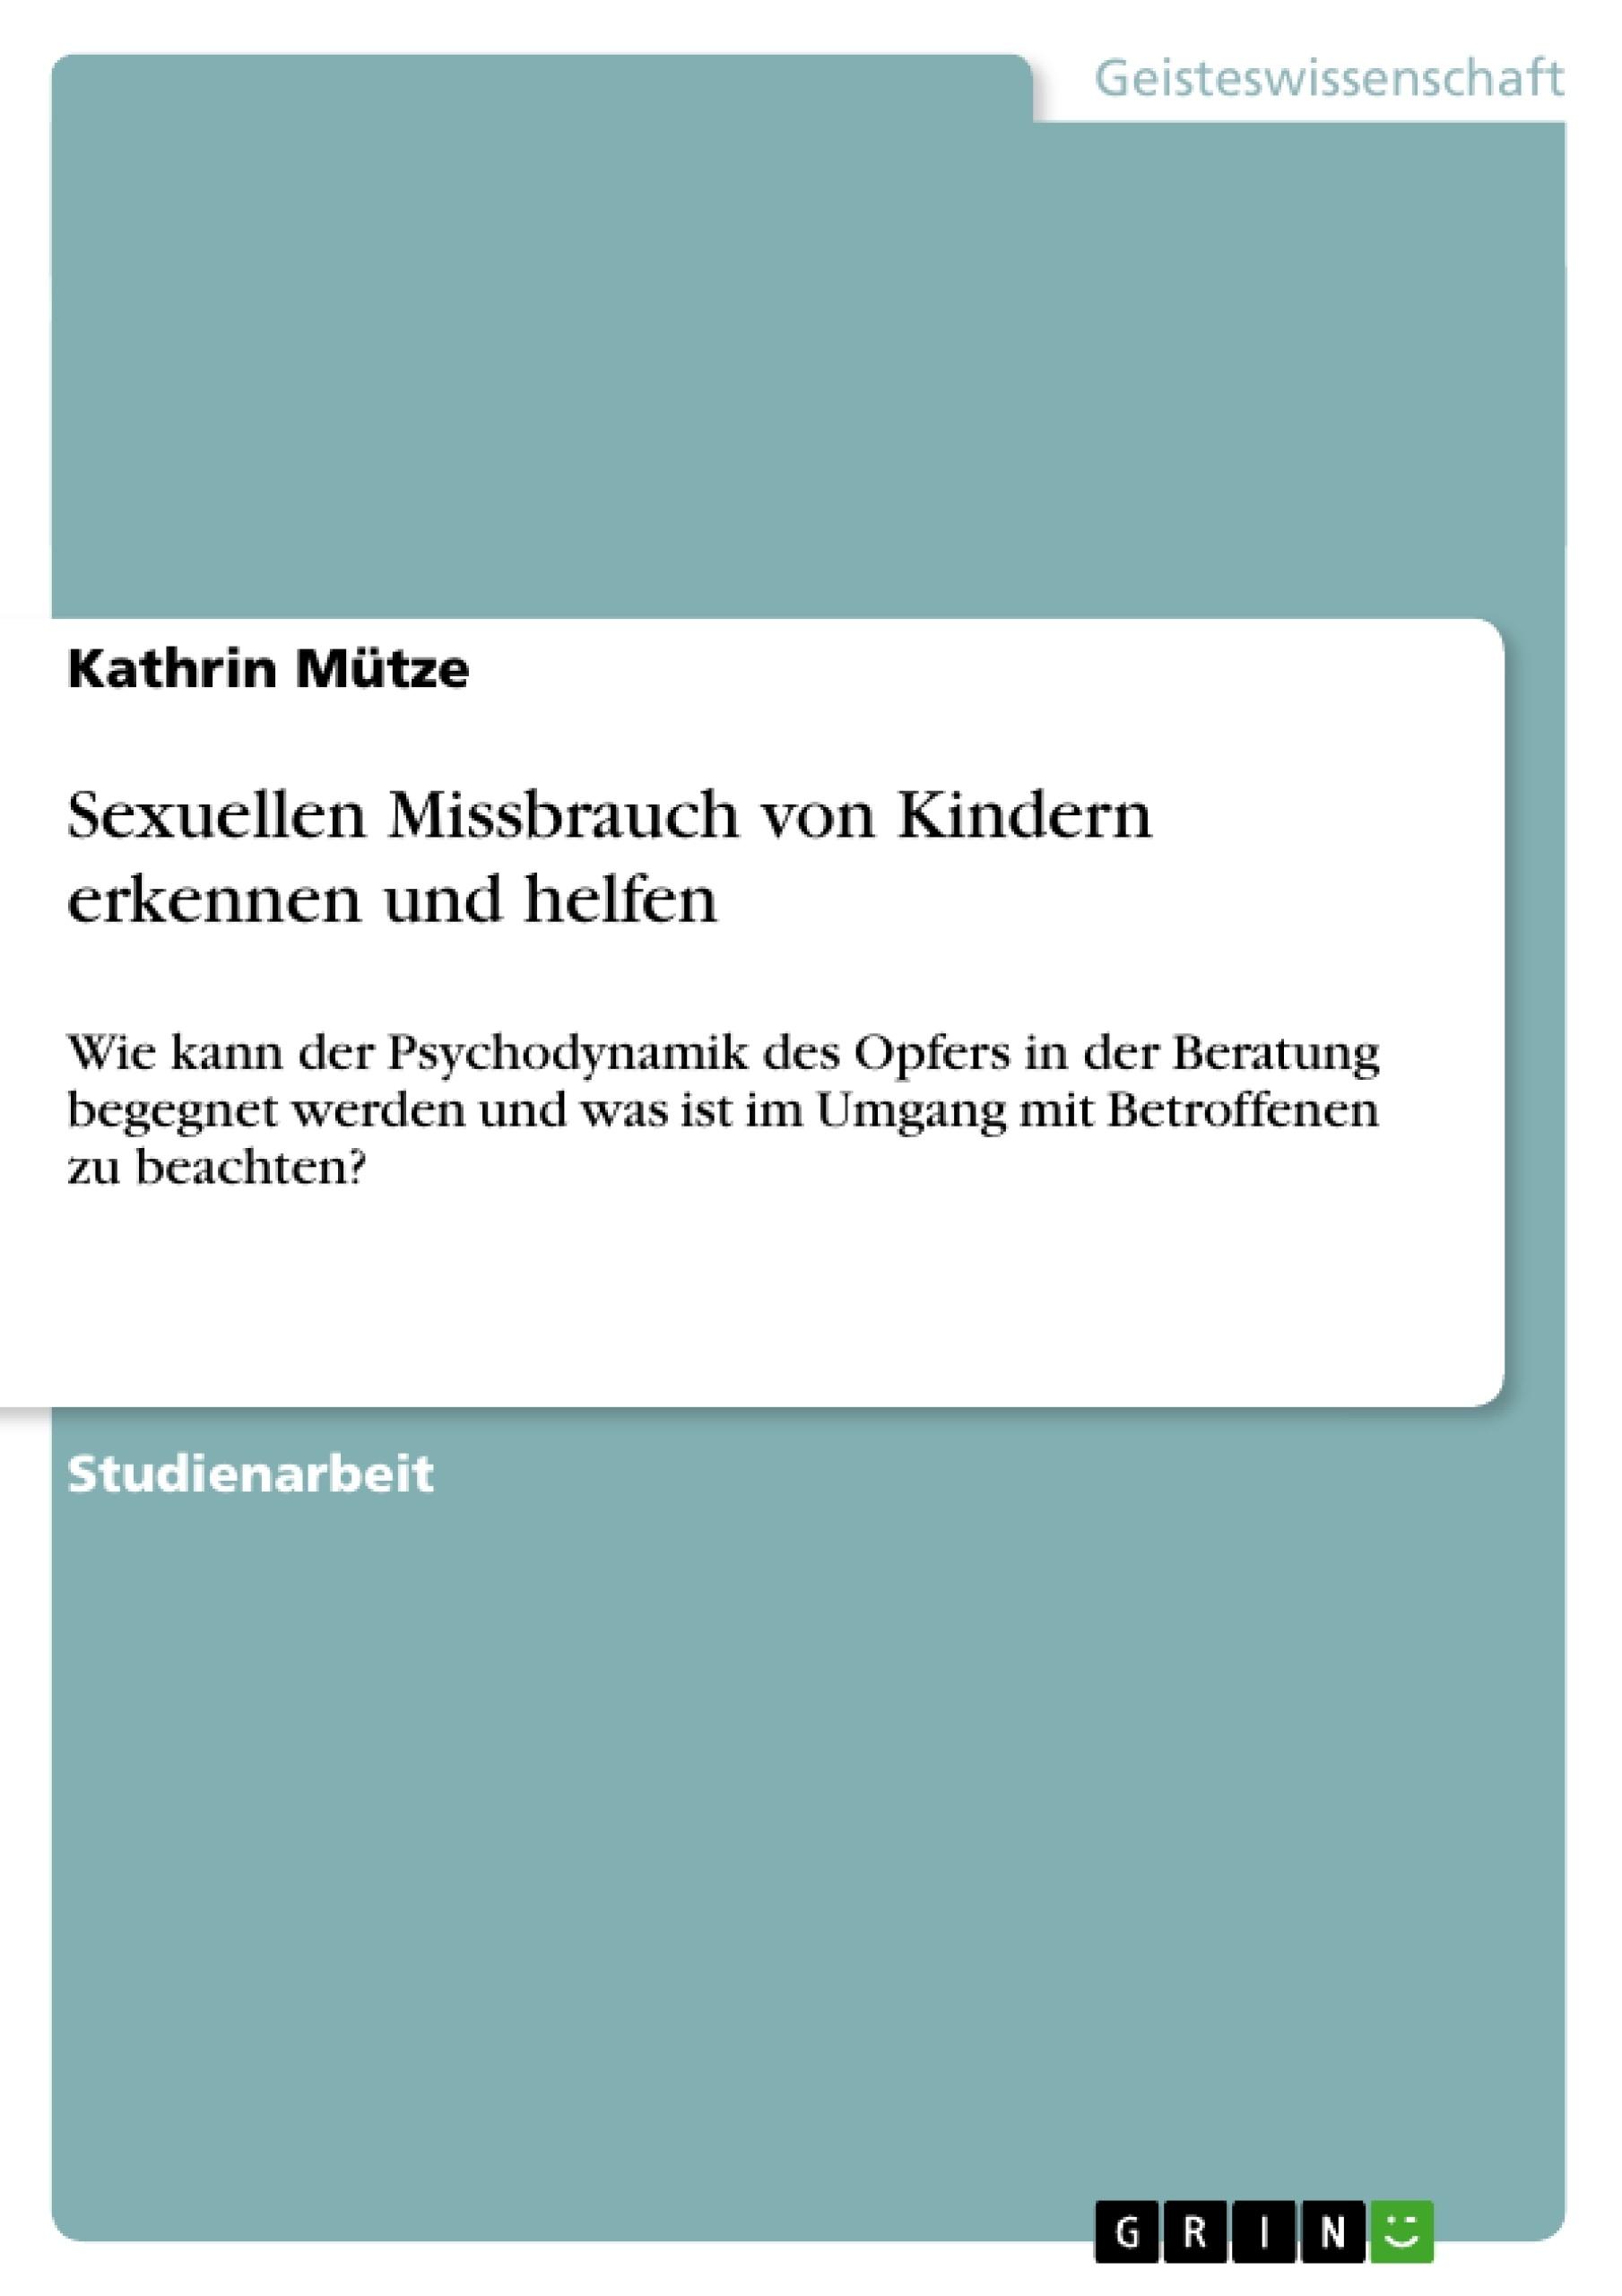 Titel: Sexuellen Missbrauch von Kindern erkennen und helfen